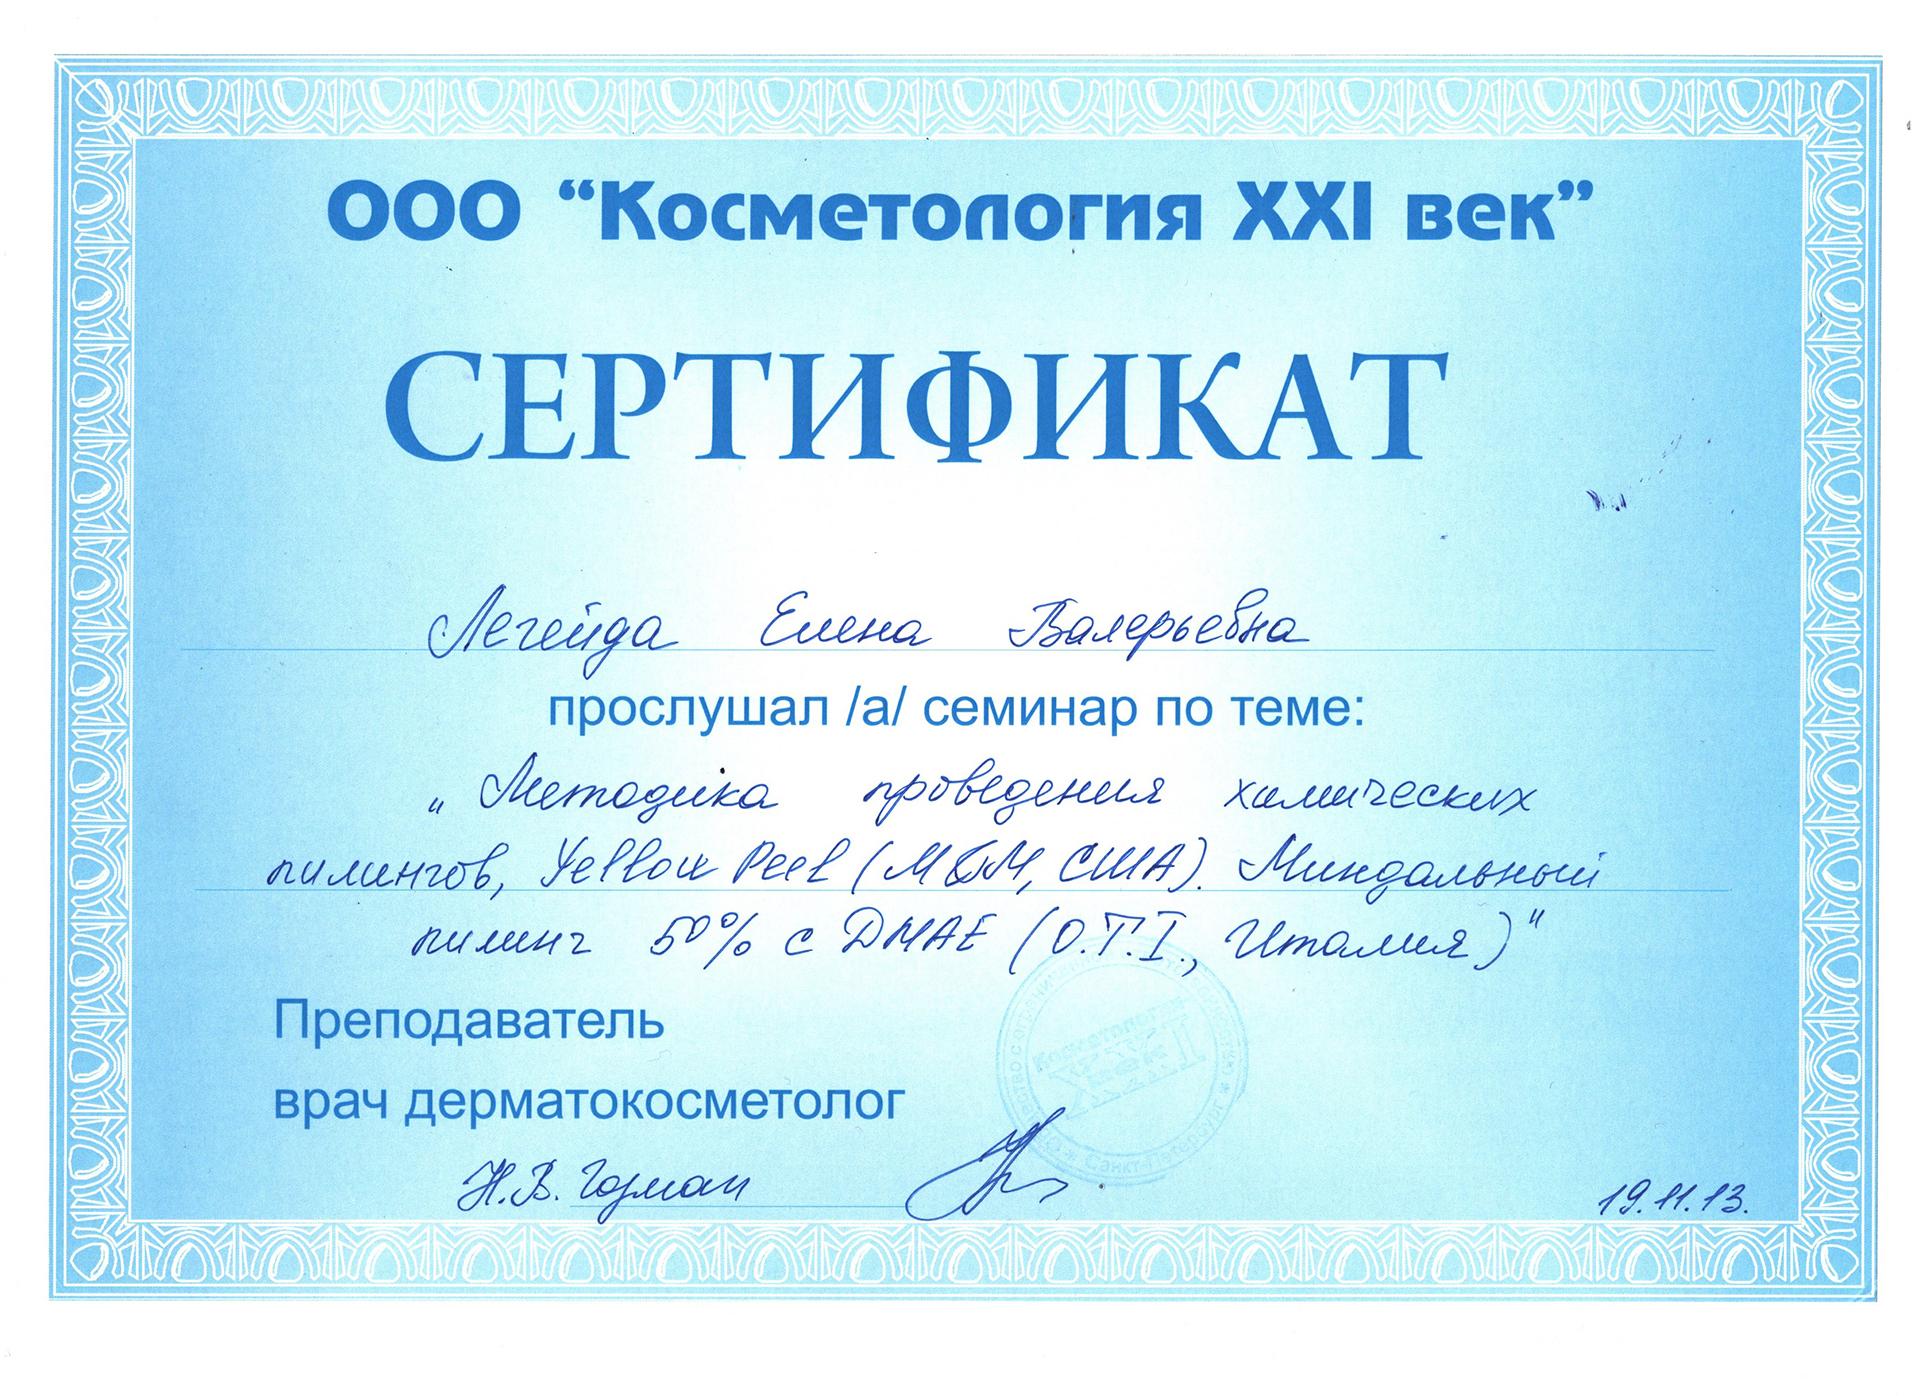 Сертификат — Методика проведение химических пилингов. Легейда Елена Валерьевна